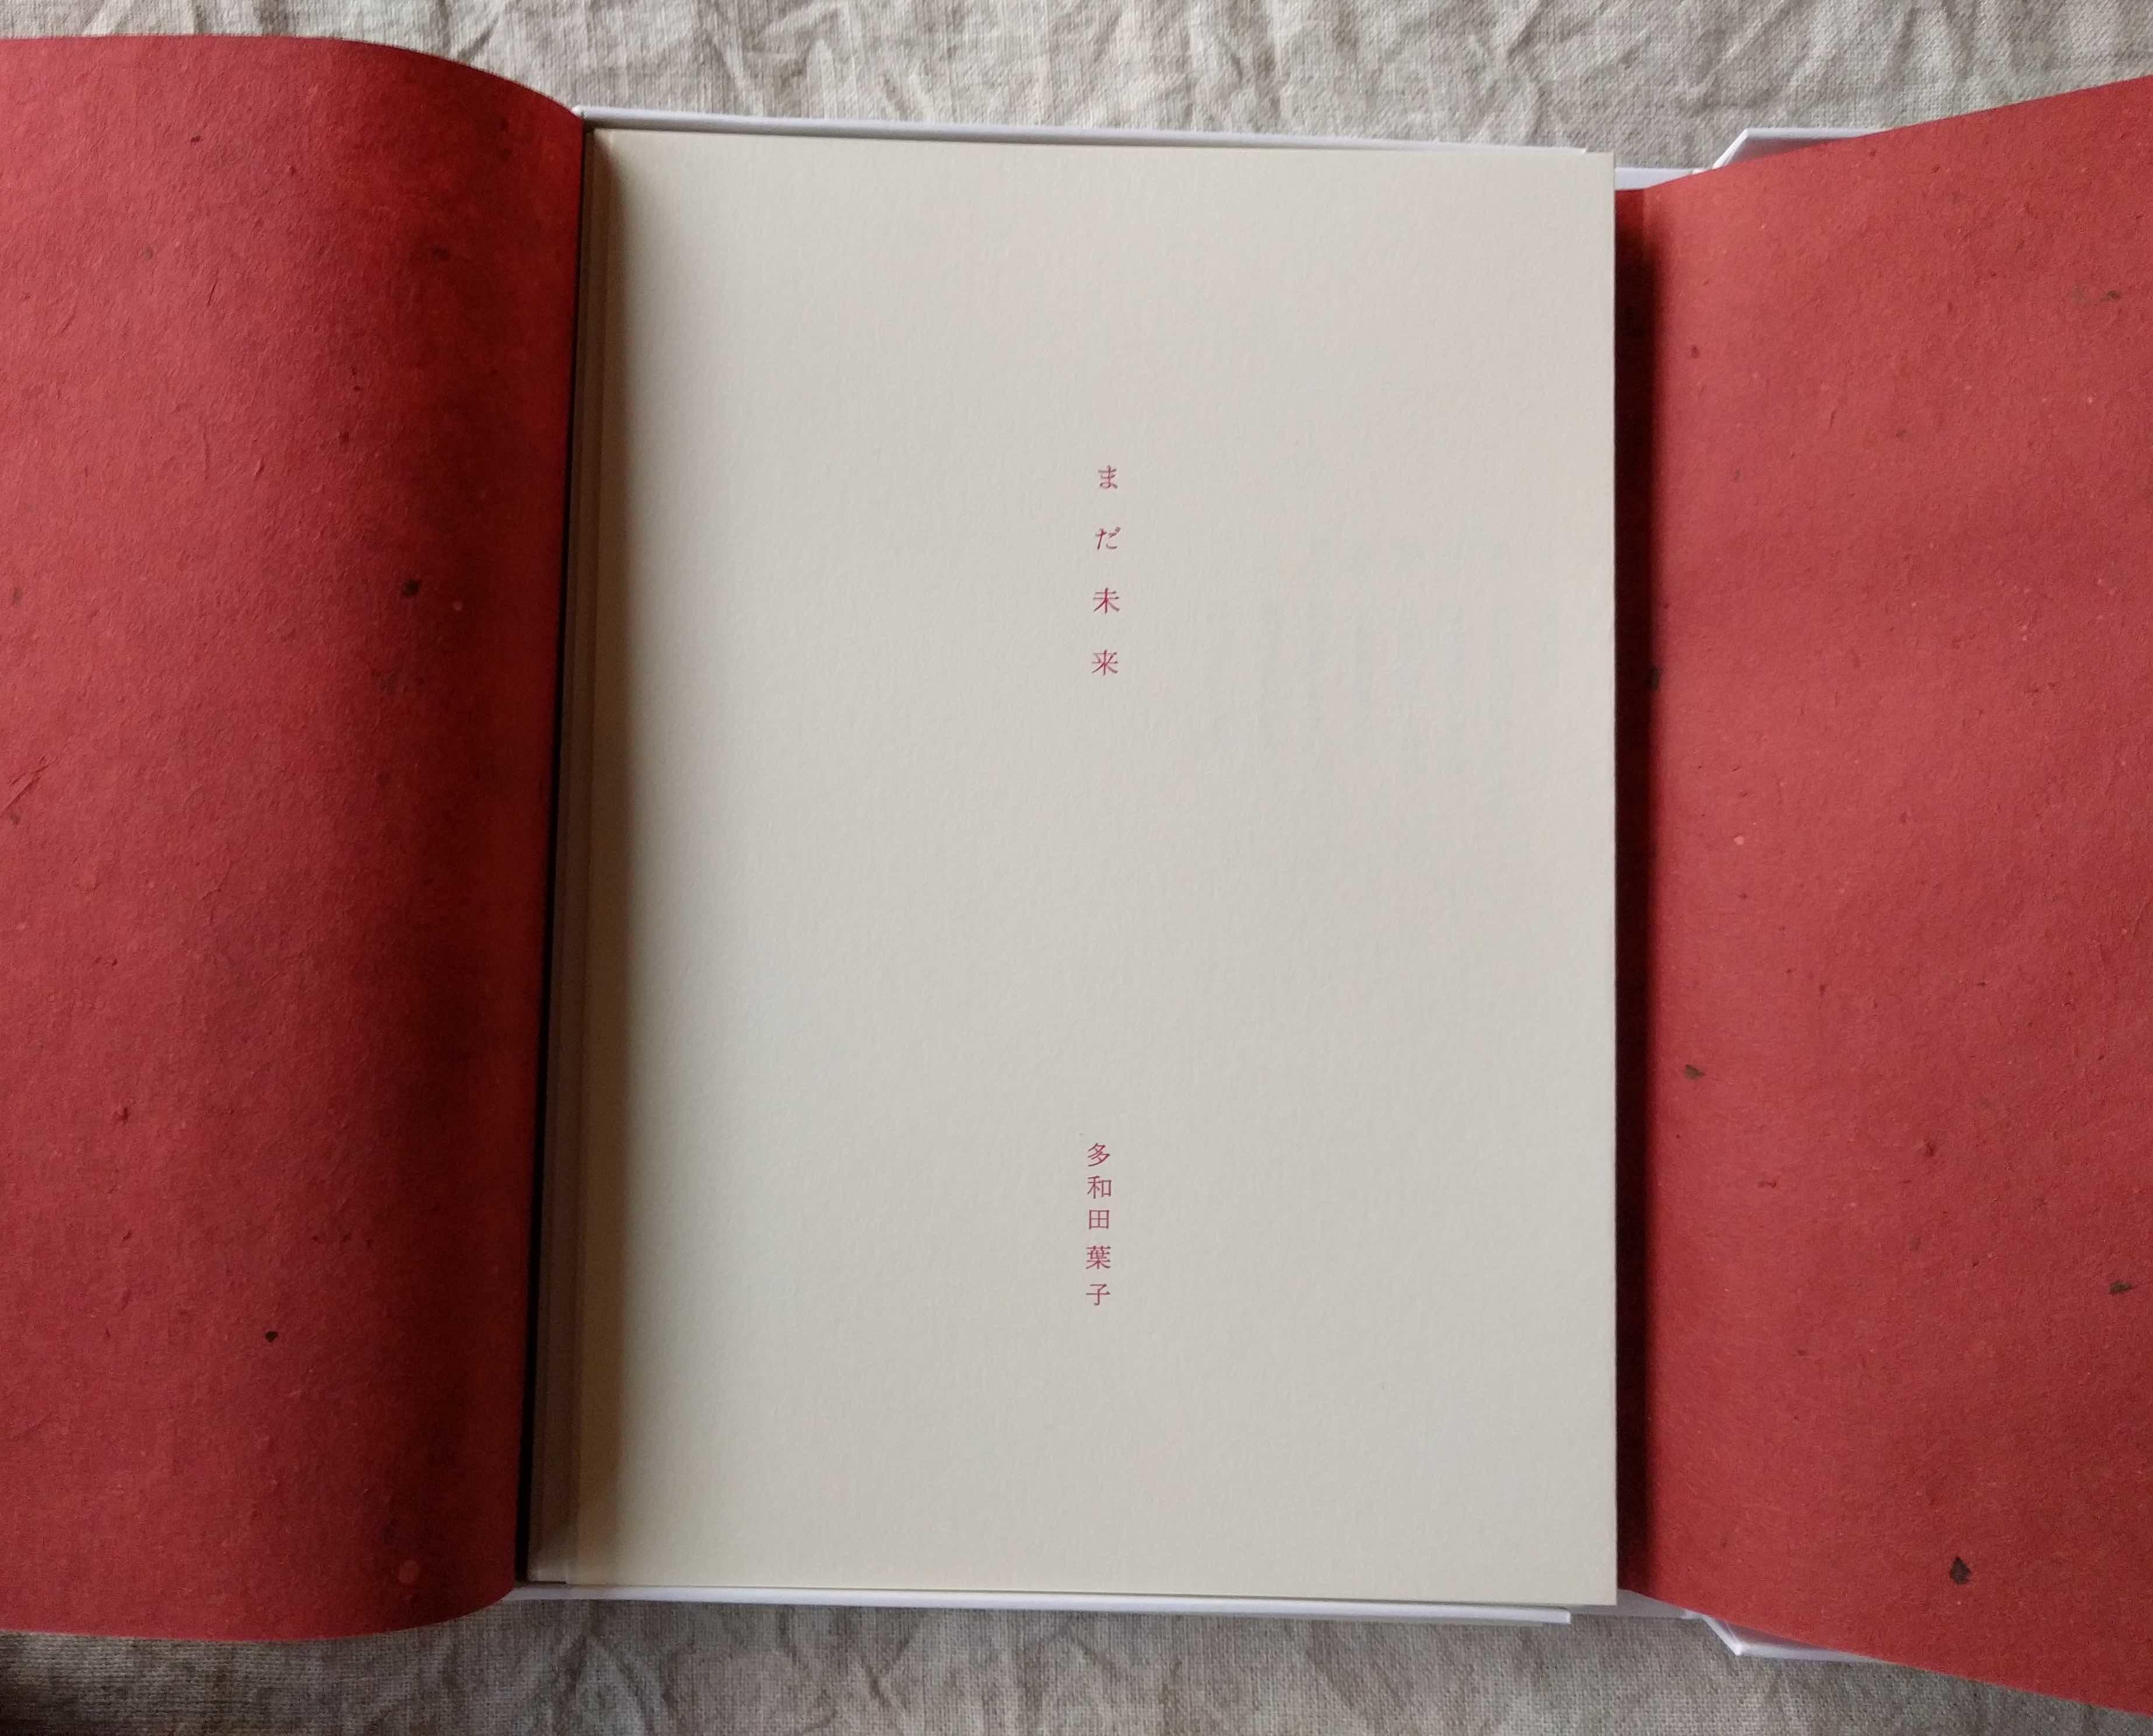 多和田葉子さんの詩集「まだ未来」_a0265743_20324813.jpg